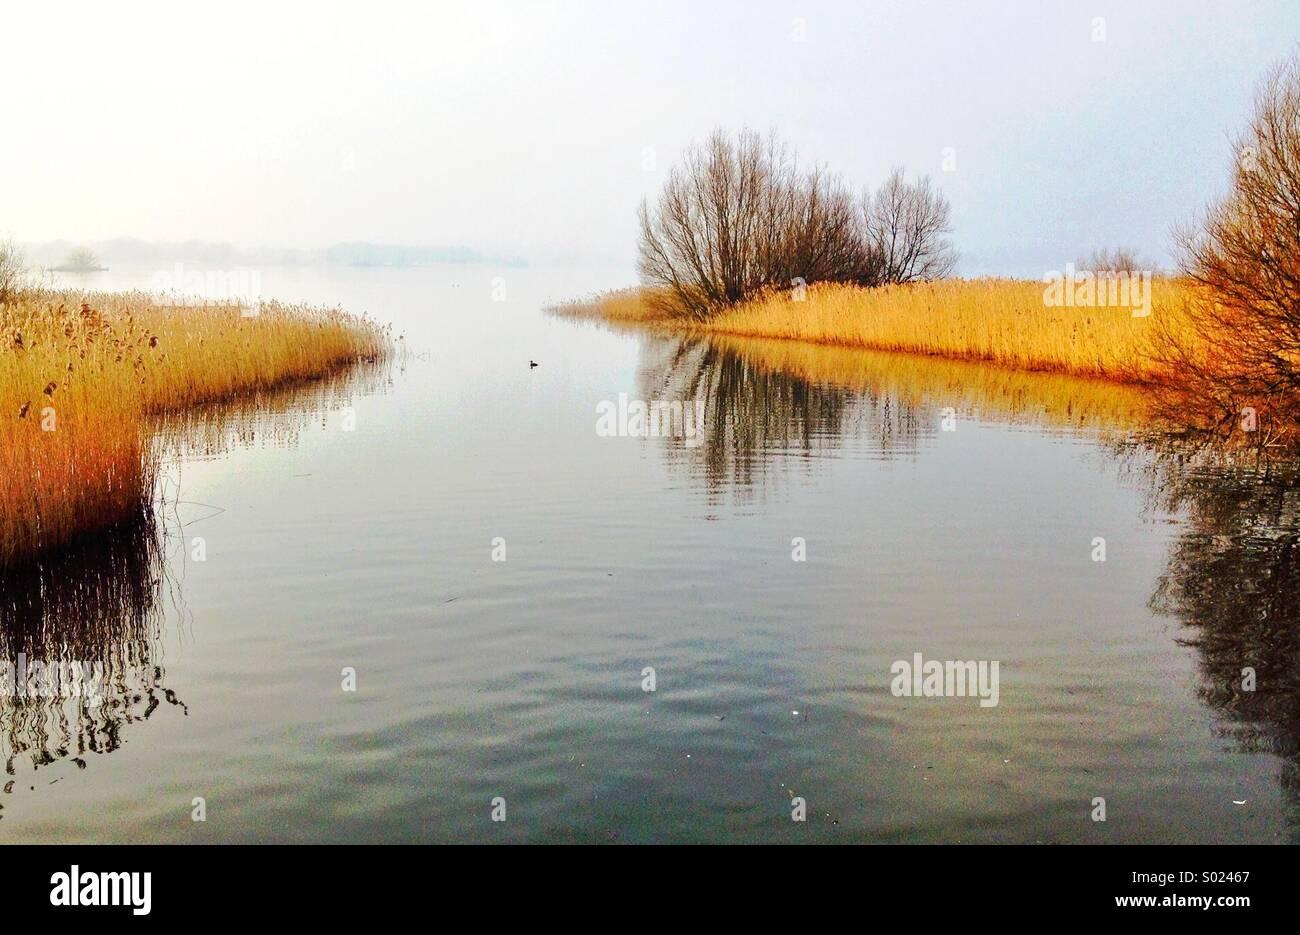 Eine malerische ruhige Szene am südlichen Ende von Chew Valley Lake, Reflexionen in ruhigem Wasser von Sträuchern Stockbild